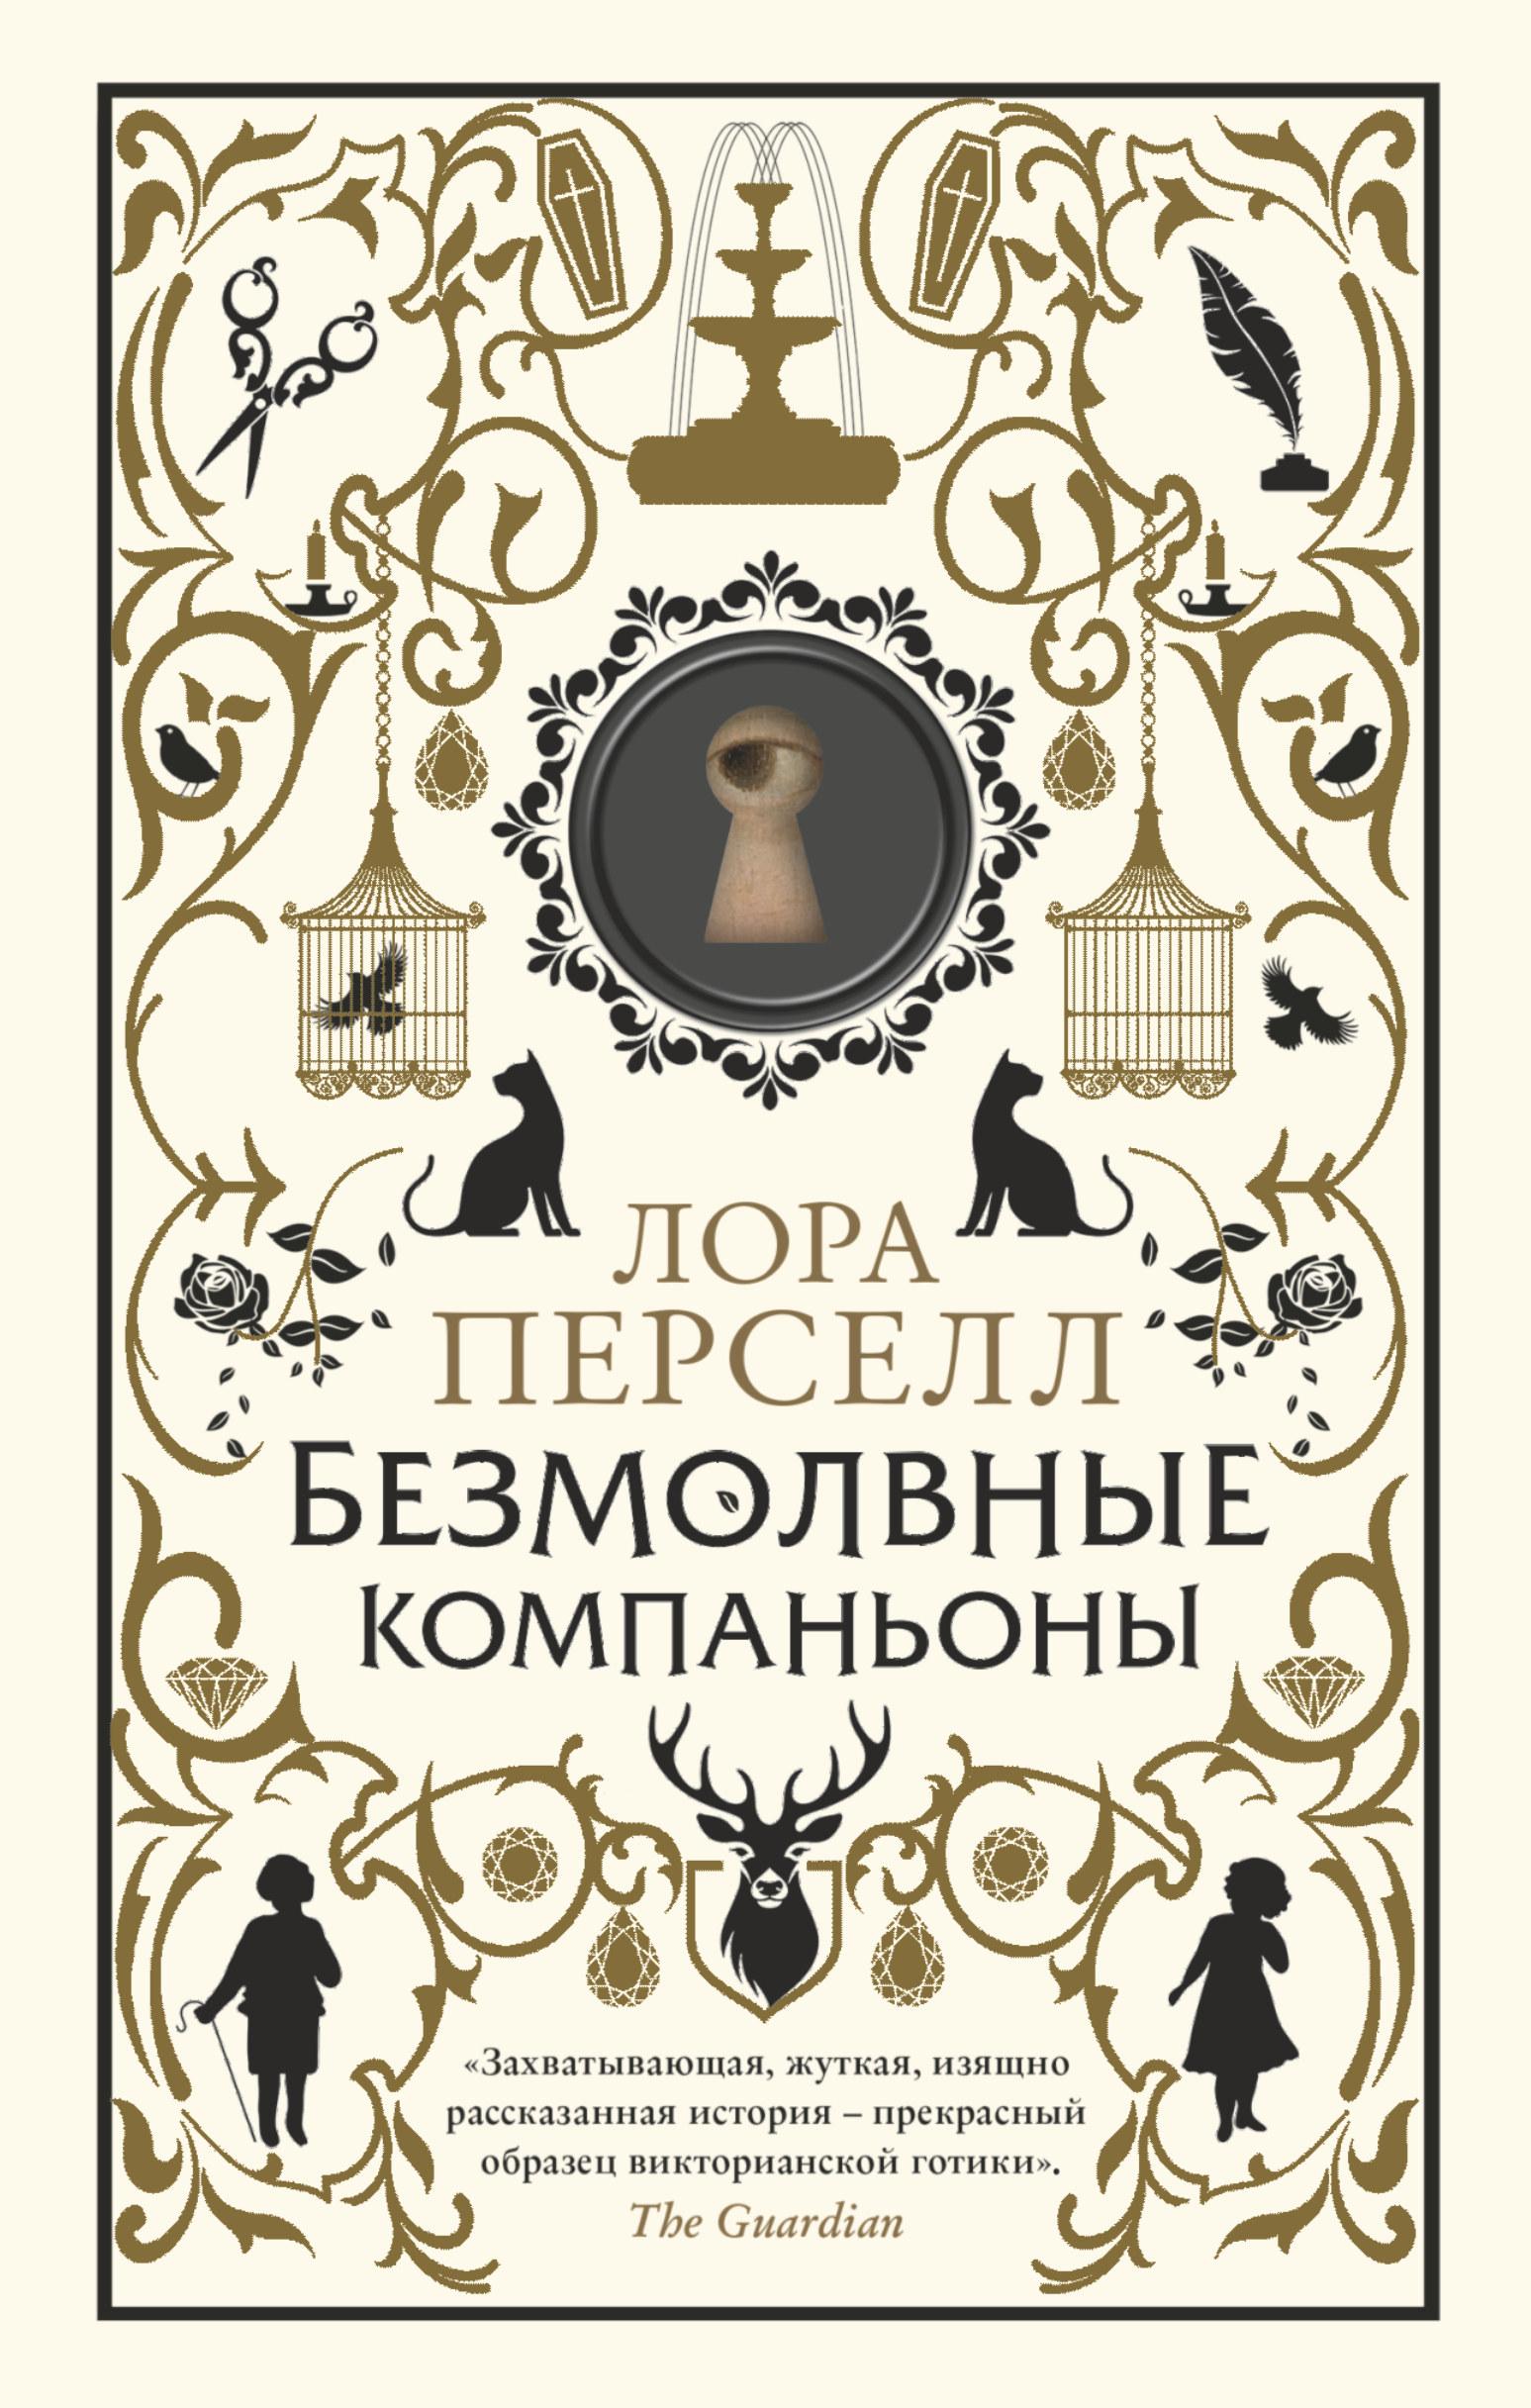 Лора Перселл Безмолвные компаньоны элси колонэл смит после дождя появится радуга роман